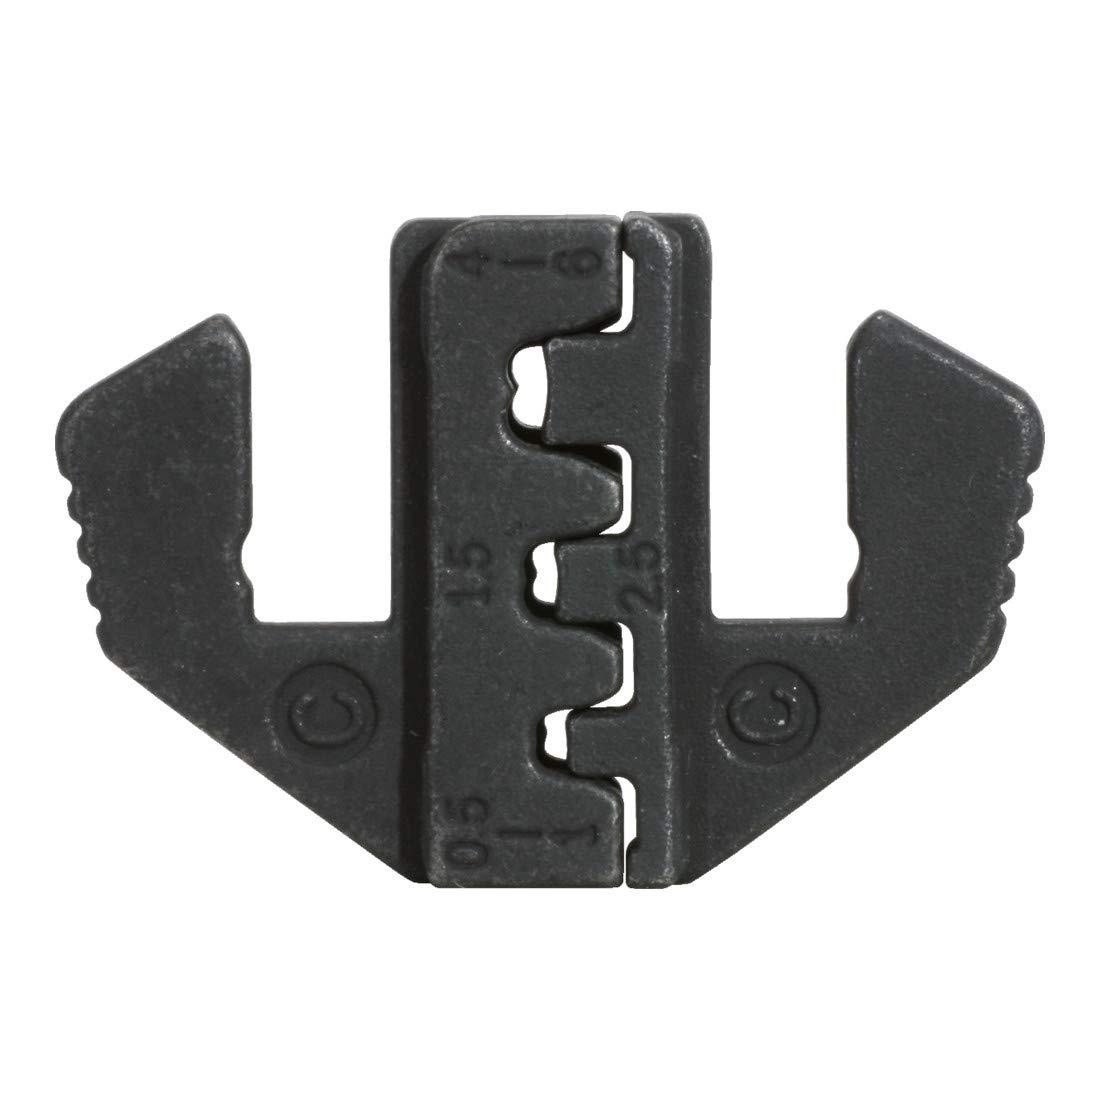 Inserto per pinza a crimpare 115.1401 per connettore piatto PAAR 4,8 e 6,3 mm KS Tools